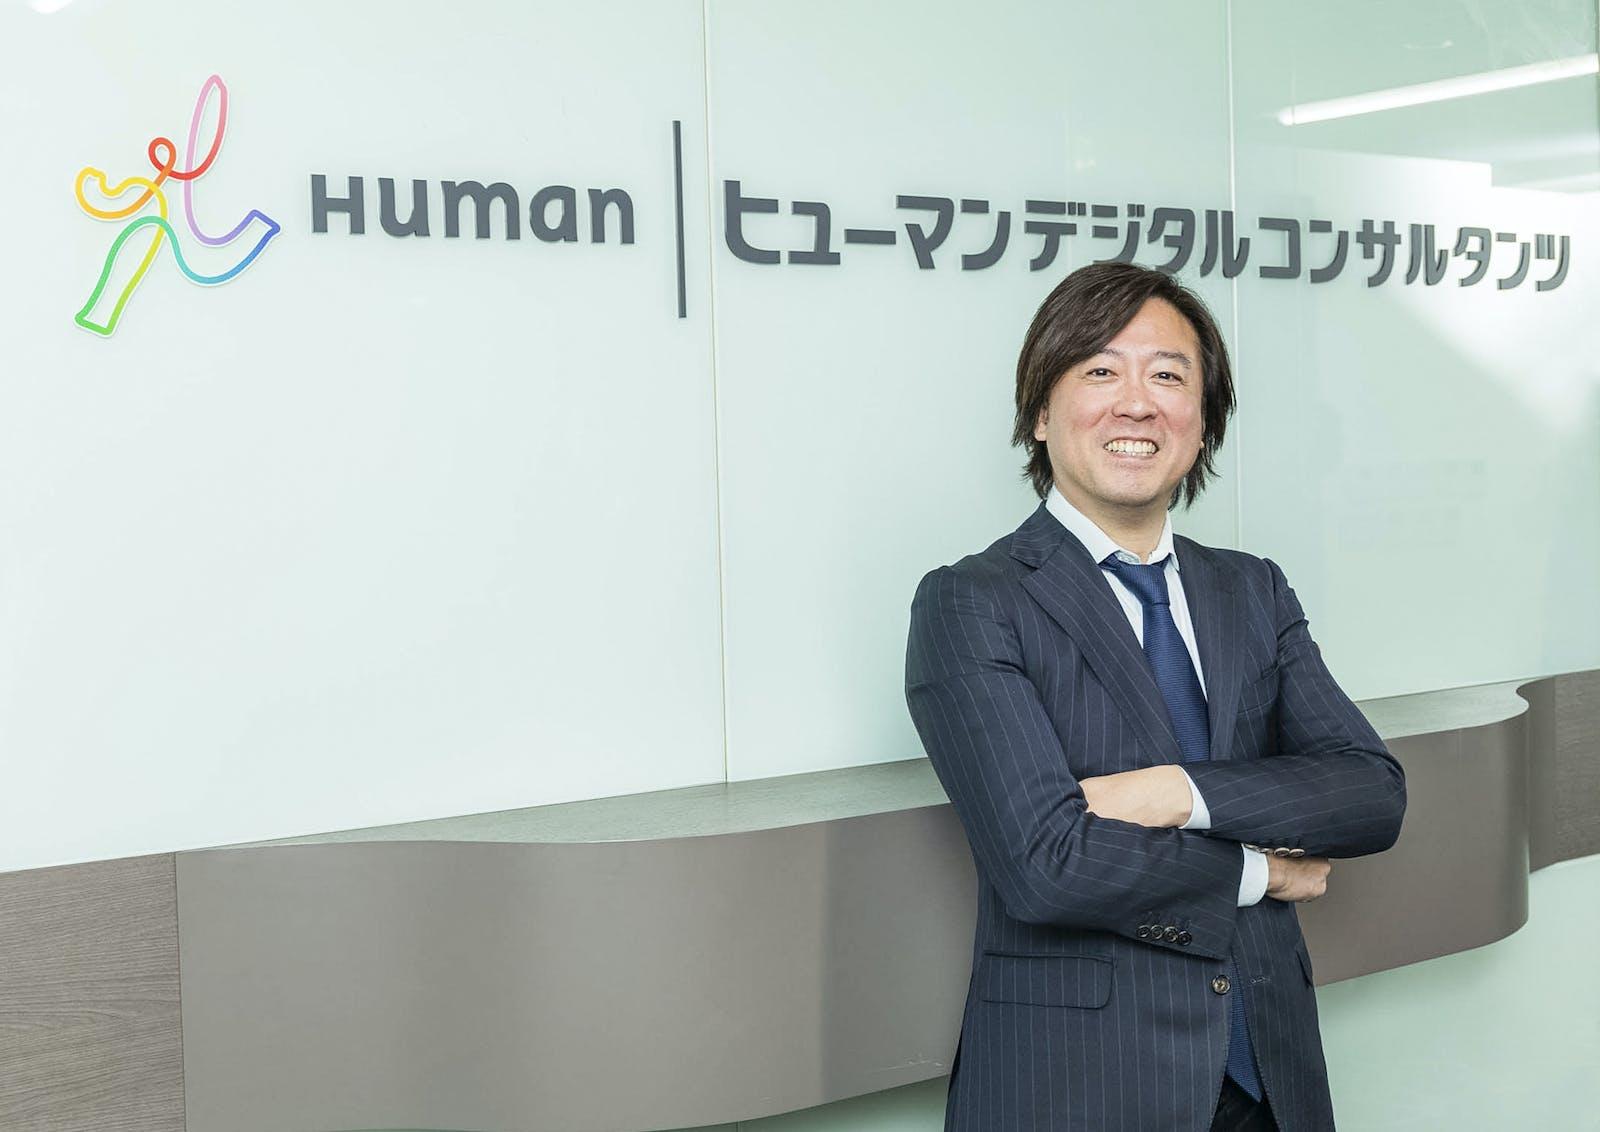 ヒューマンデジタルコンサルタンツ株式会社のアイキャッチ画像